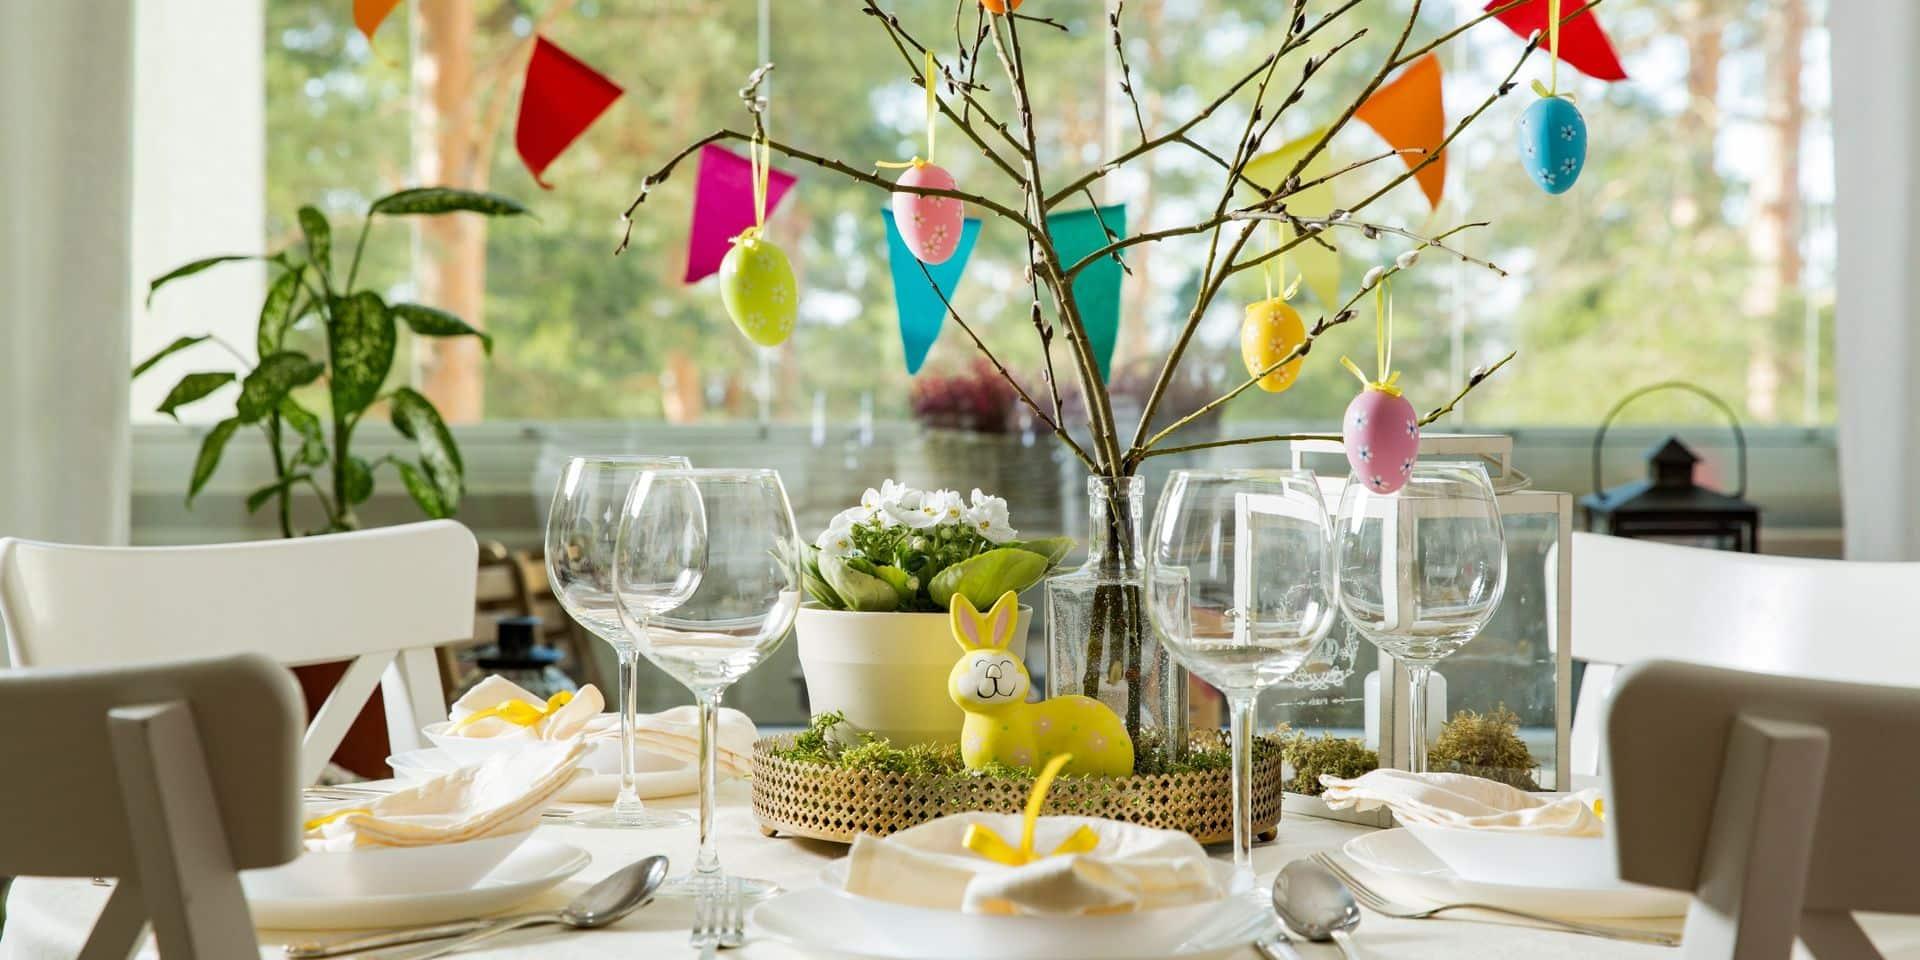 Pâques confiné mais célébré autour d'un bon repas: comme lors des fêtes de fin d'année, le Belge veut se faire plaisir